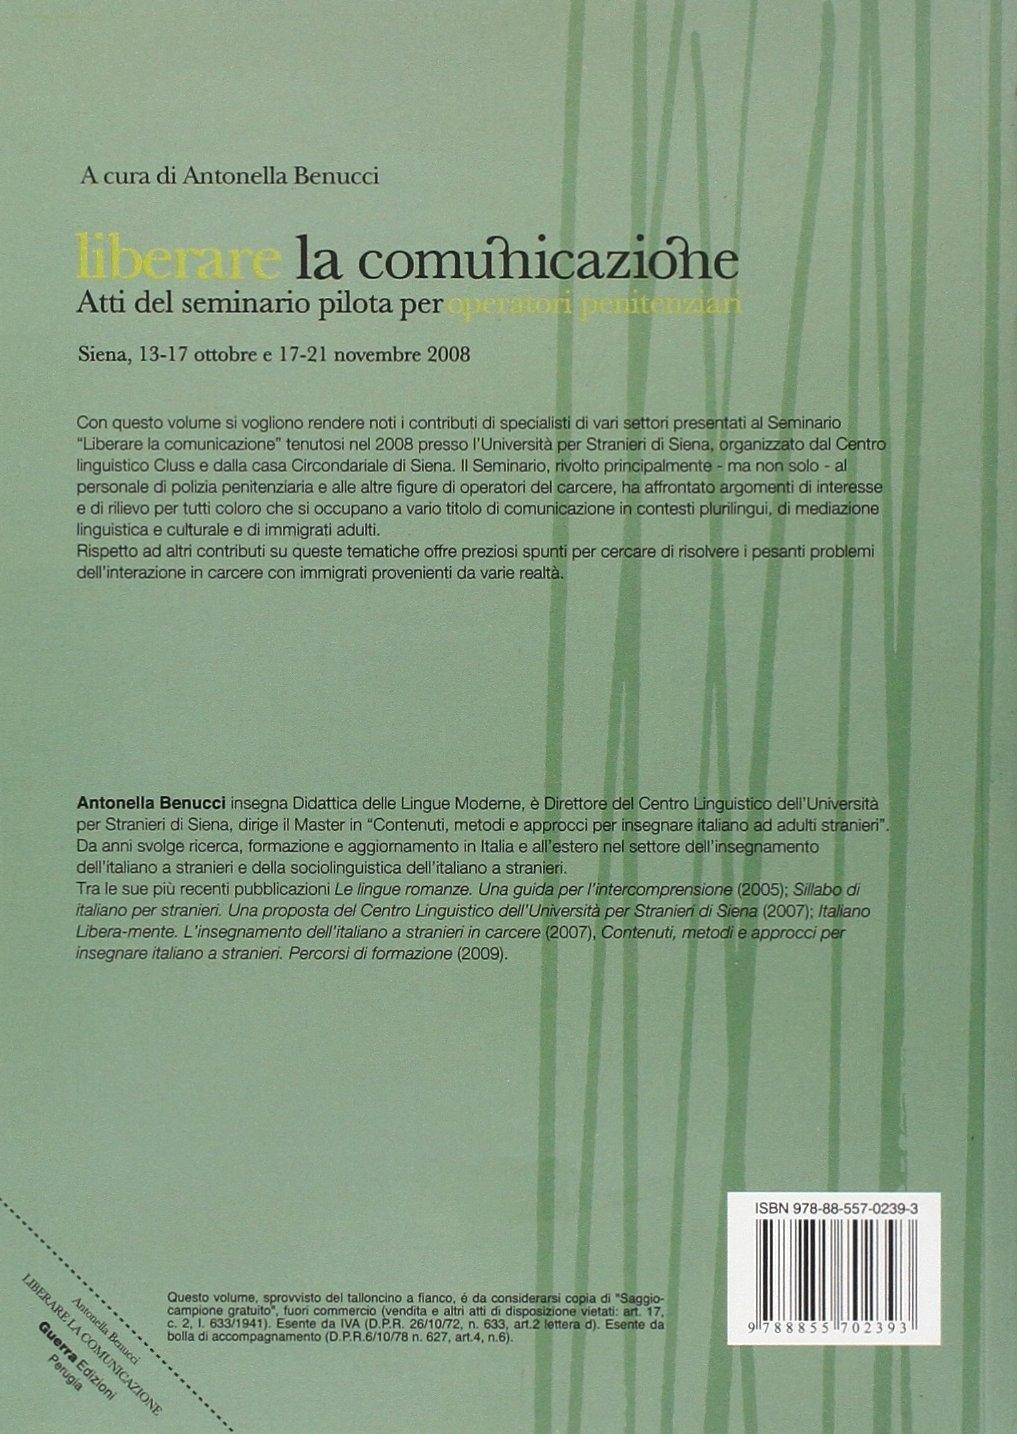 Liberare la comunicazione. Atti del Seminario pilota per operatori penitenziari (Siena, 13-17 ottobre e 17-21 novembre 2008)